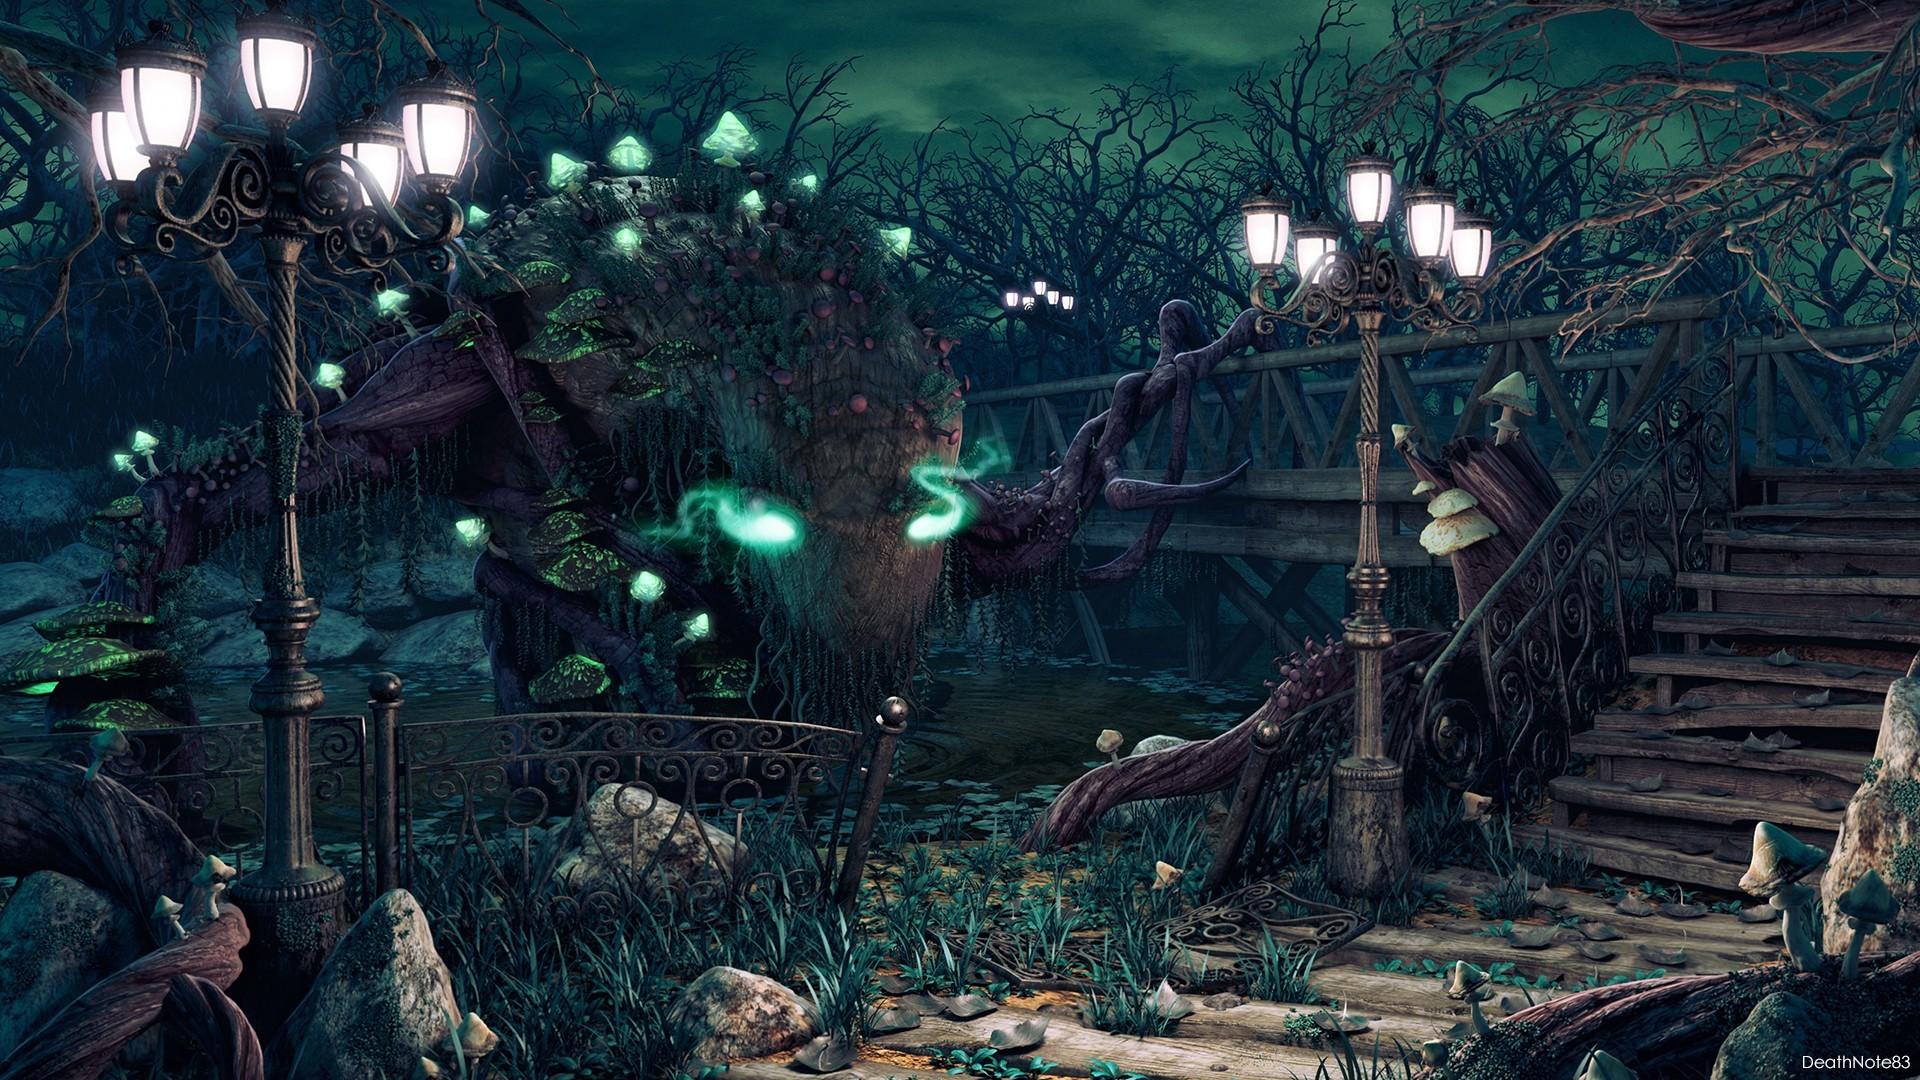 Fantasy Landscape Wallpaper 76 Images